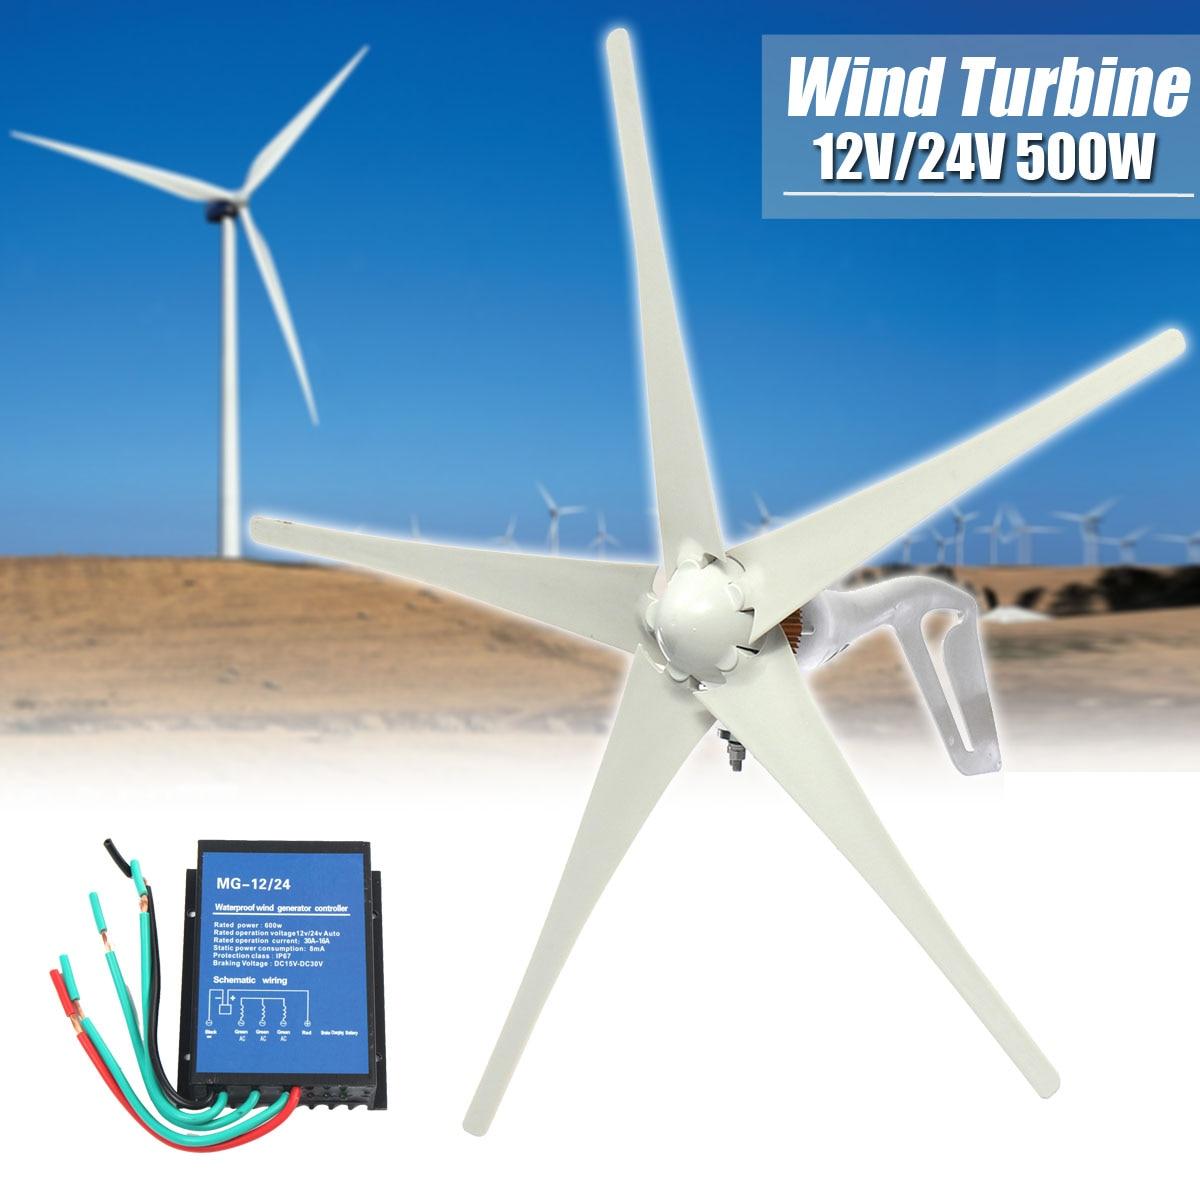 500 w 12 v Cinq Vent Lames Miniature Horizontal Éoliennes Générateur Avec Contrôleur Fit pour Maison D'habitation